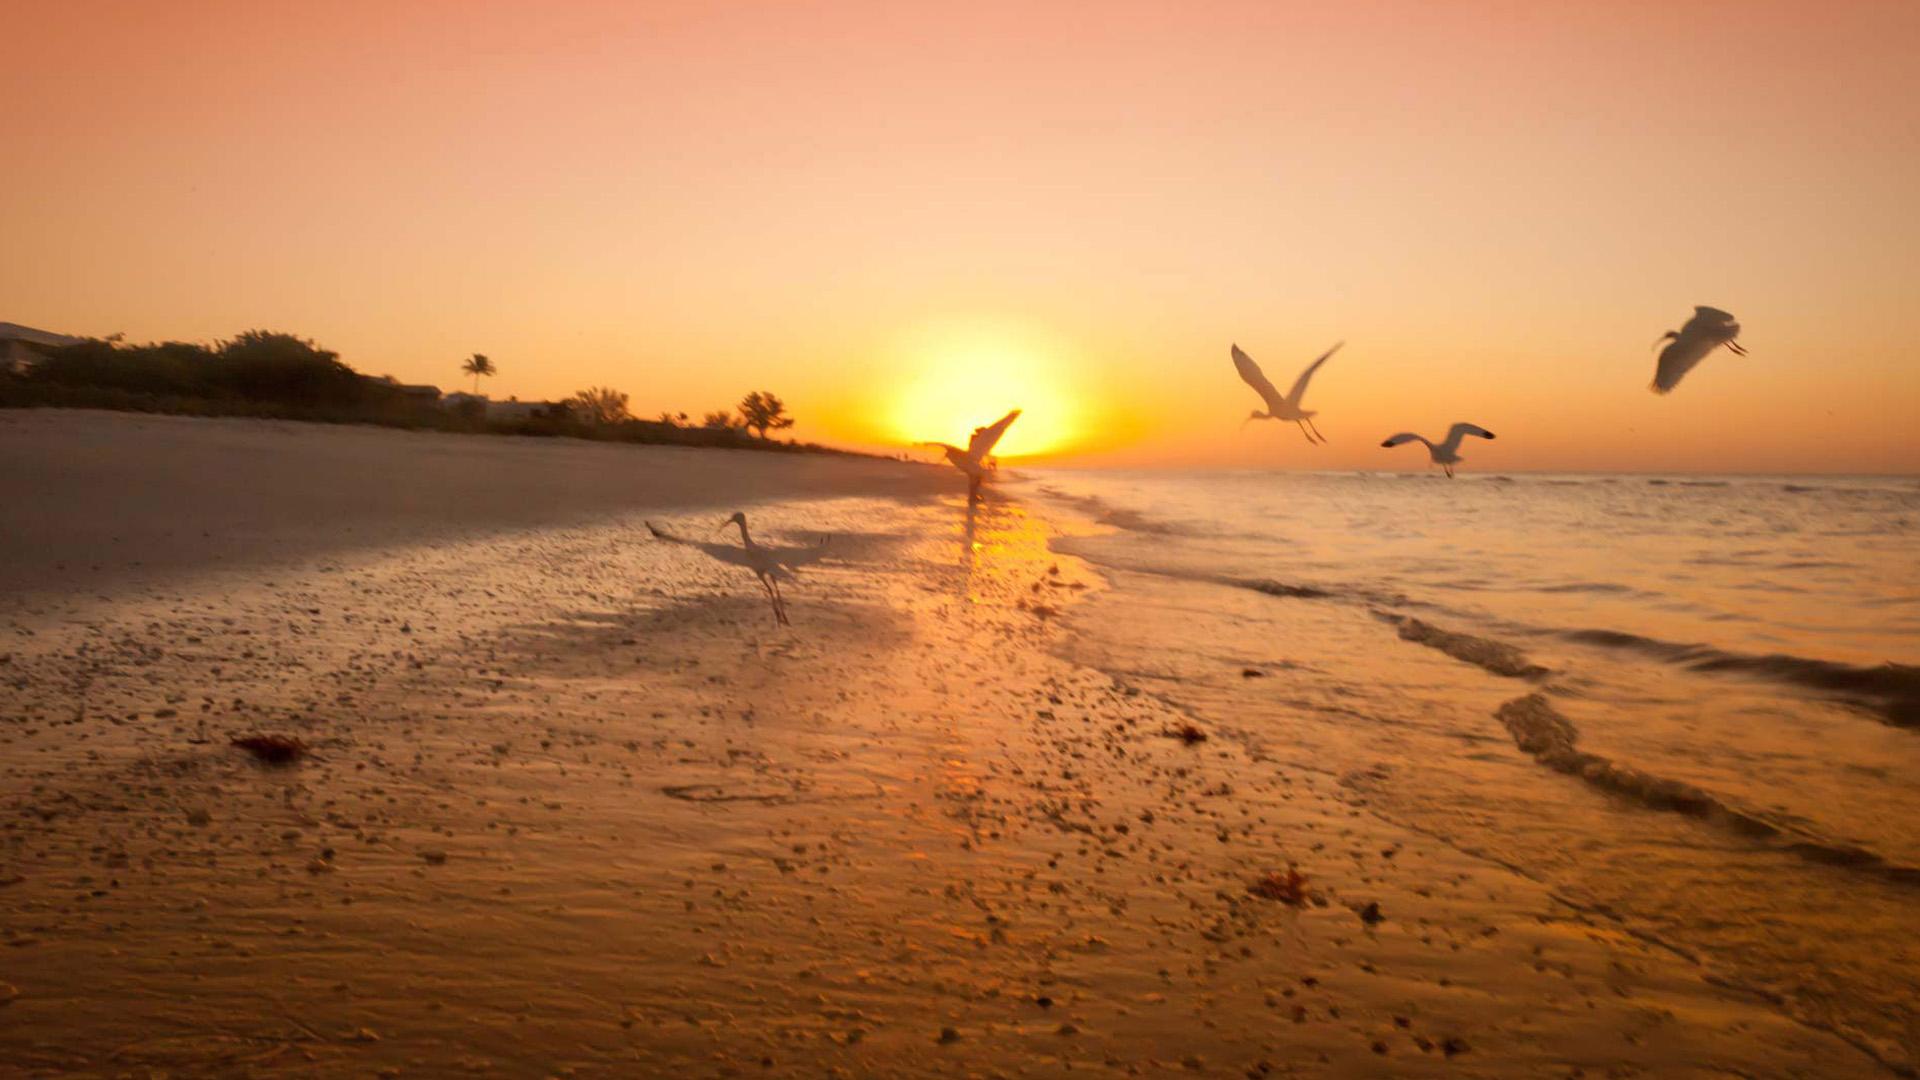 Florida Beach Fall Wallpaper Sunset Beaches Wallpapers Download Free Pixelstalk Net